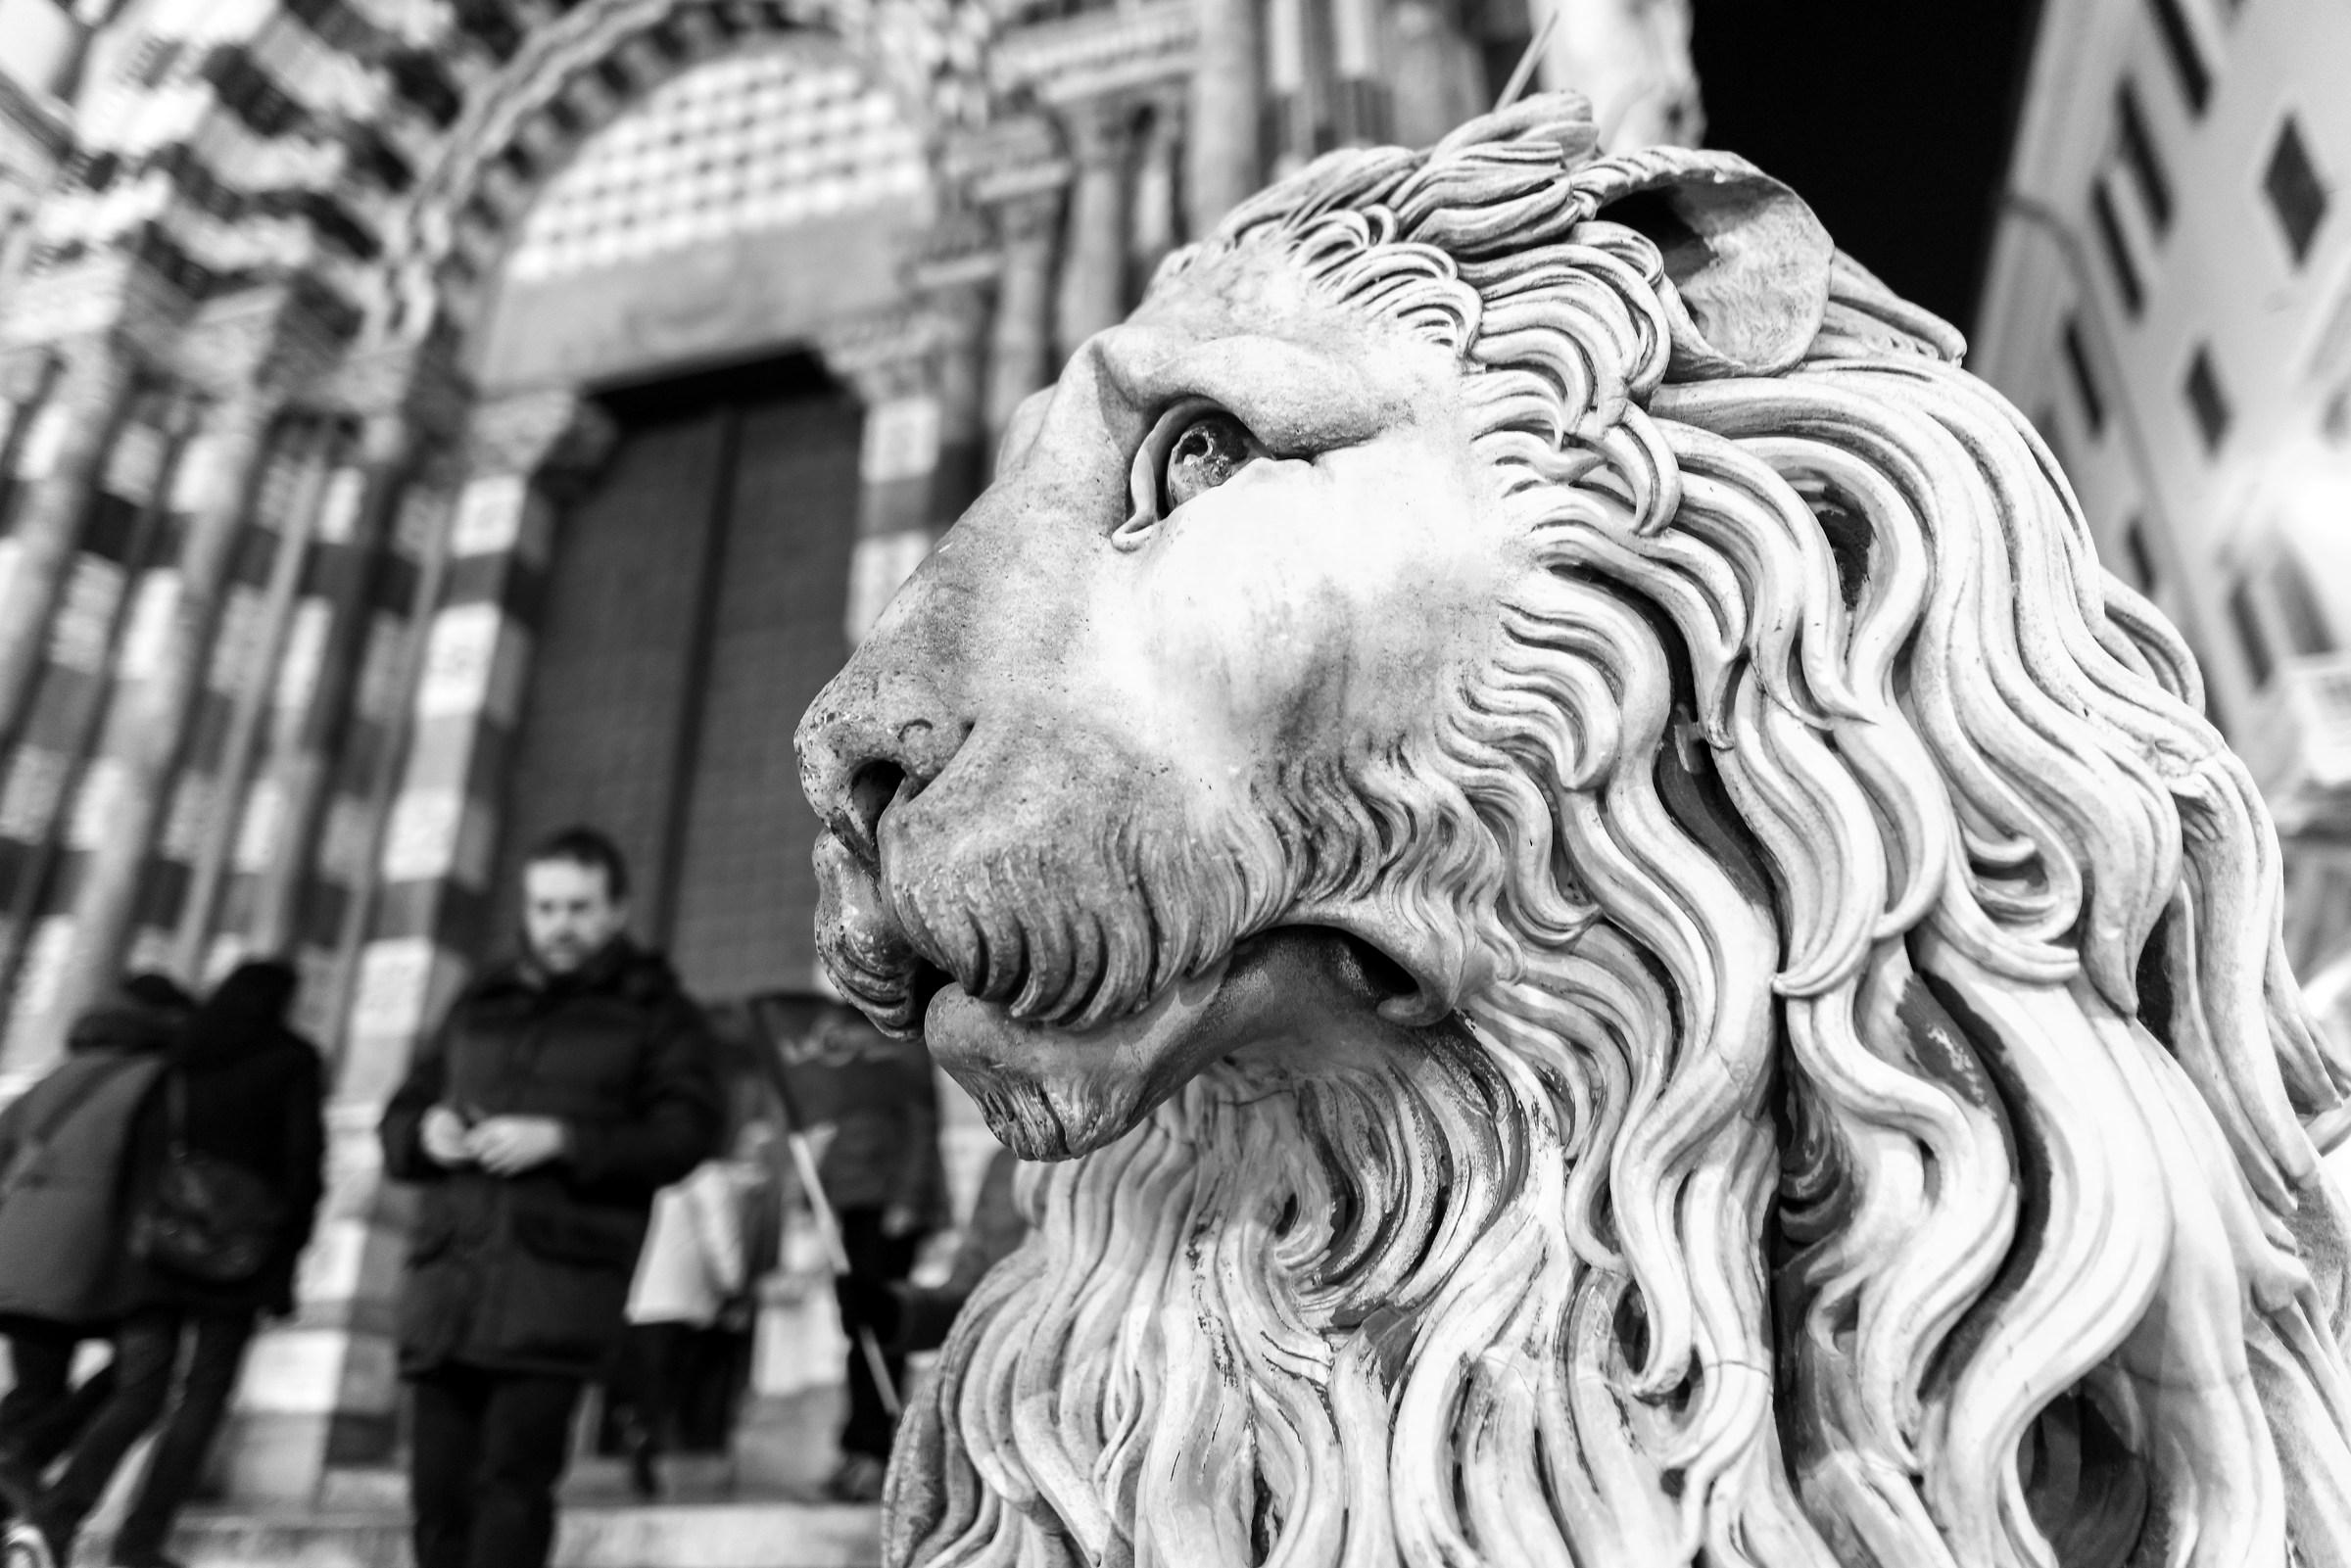 Il leone del Duomo di Genova...